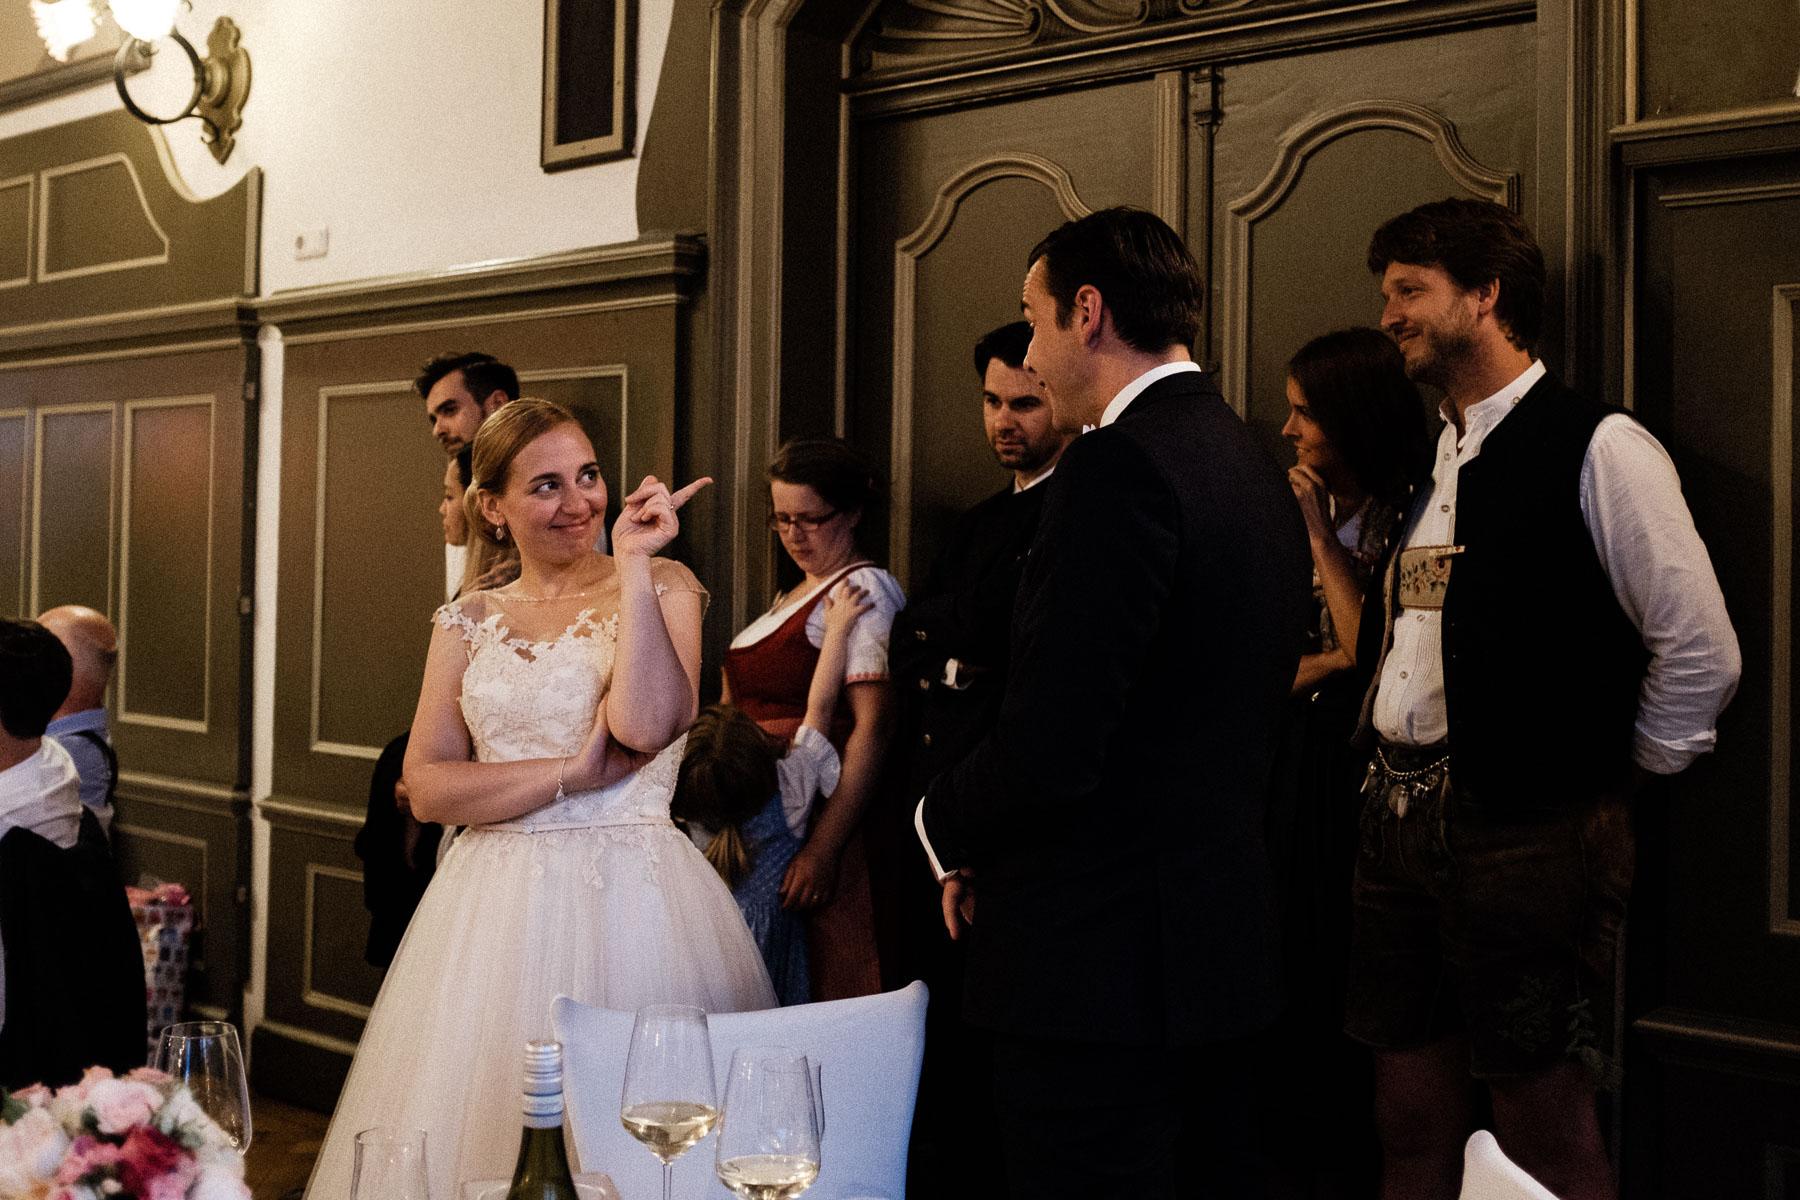 MartinLiebl_Hochzeitsfotograf_MML_Blog_77.jpg